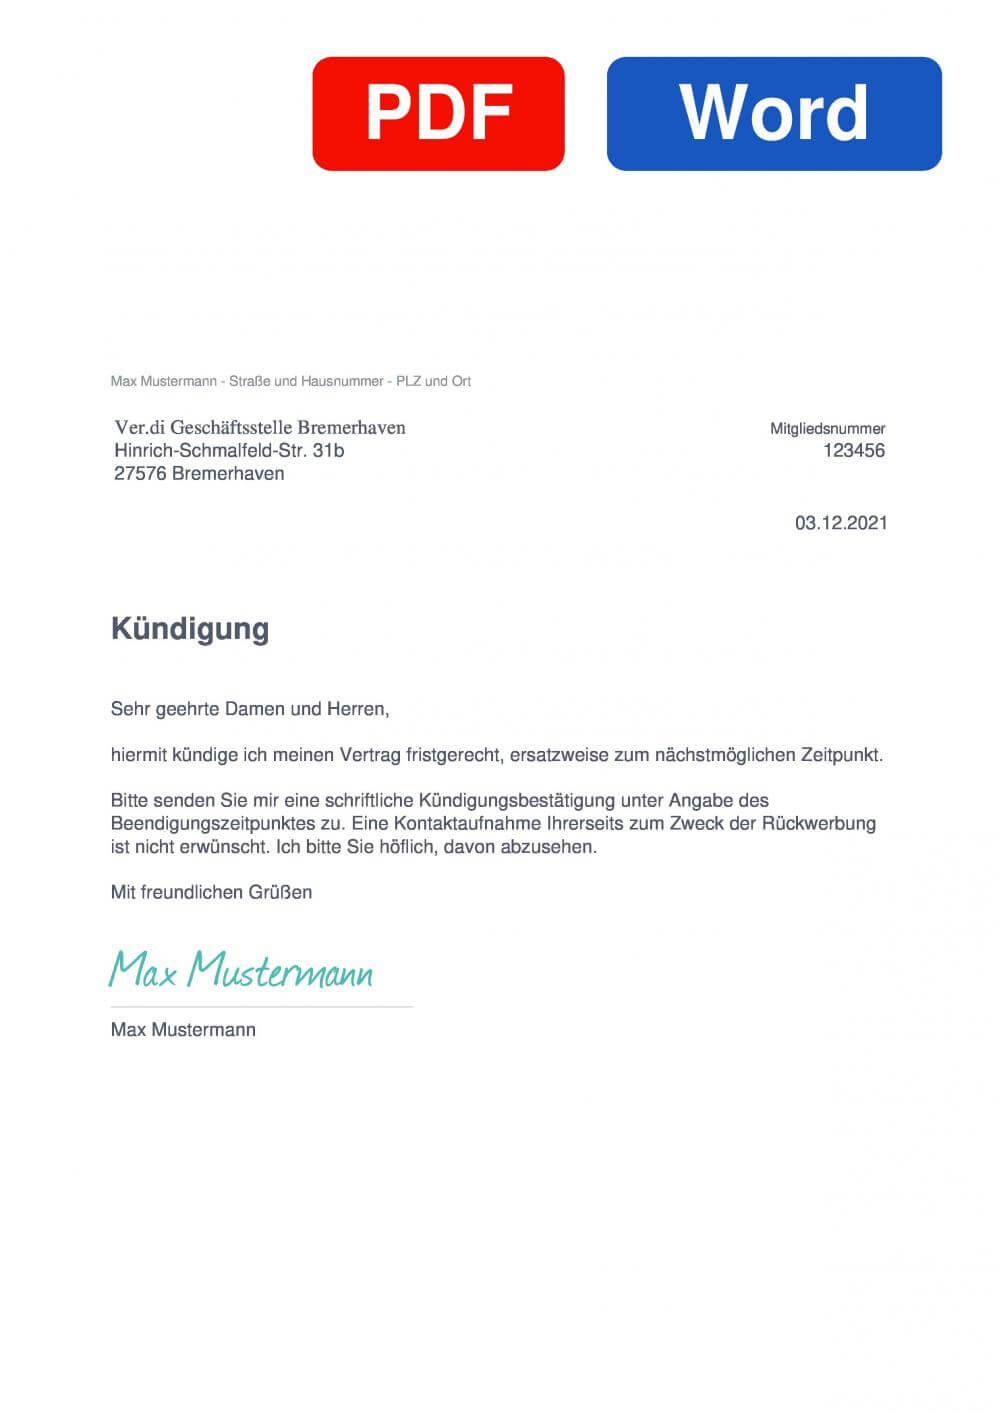 Verdi Bremerhaven Muster Vorlage für Kündigungsschreiben